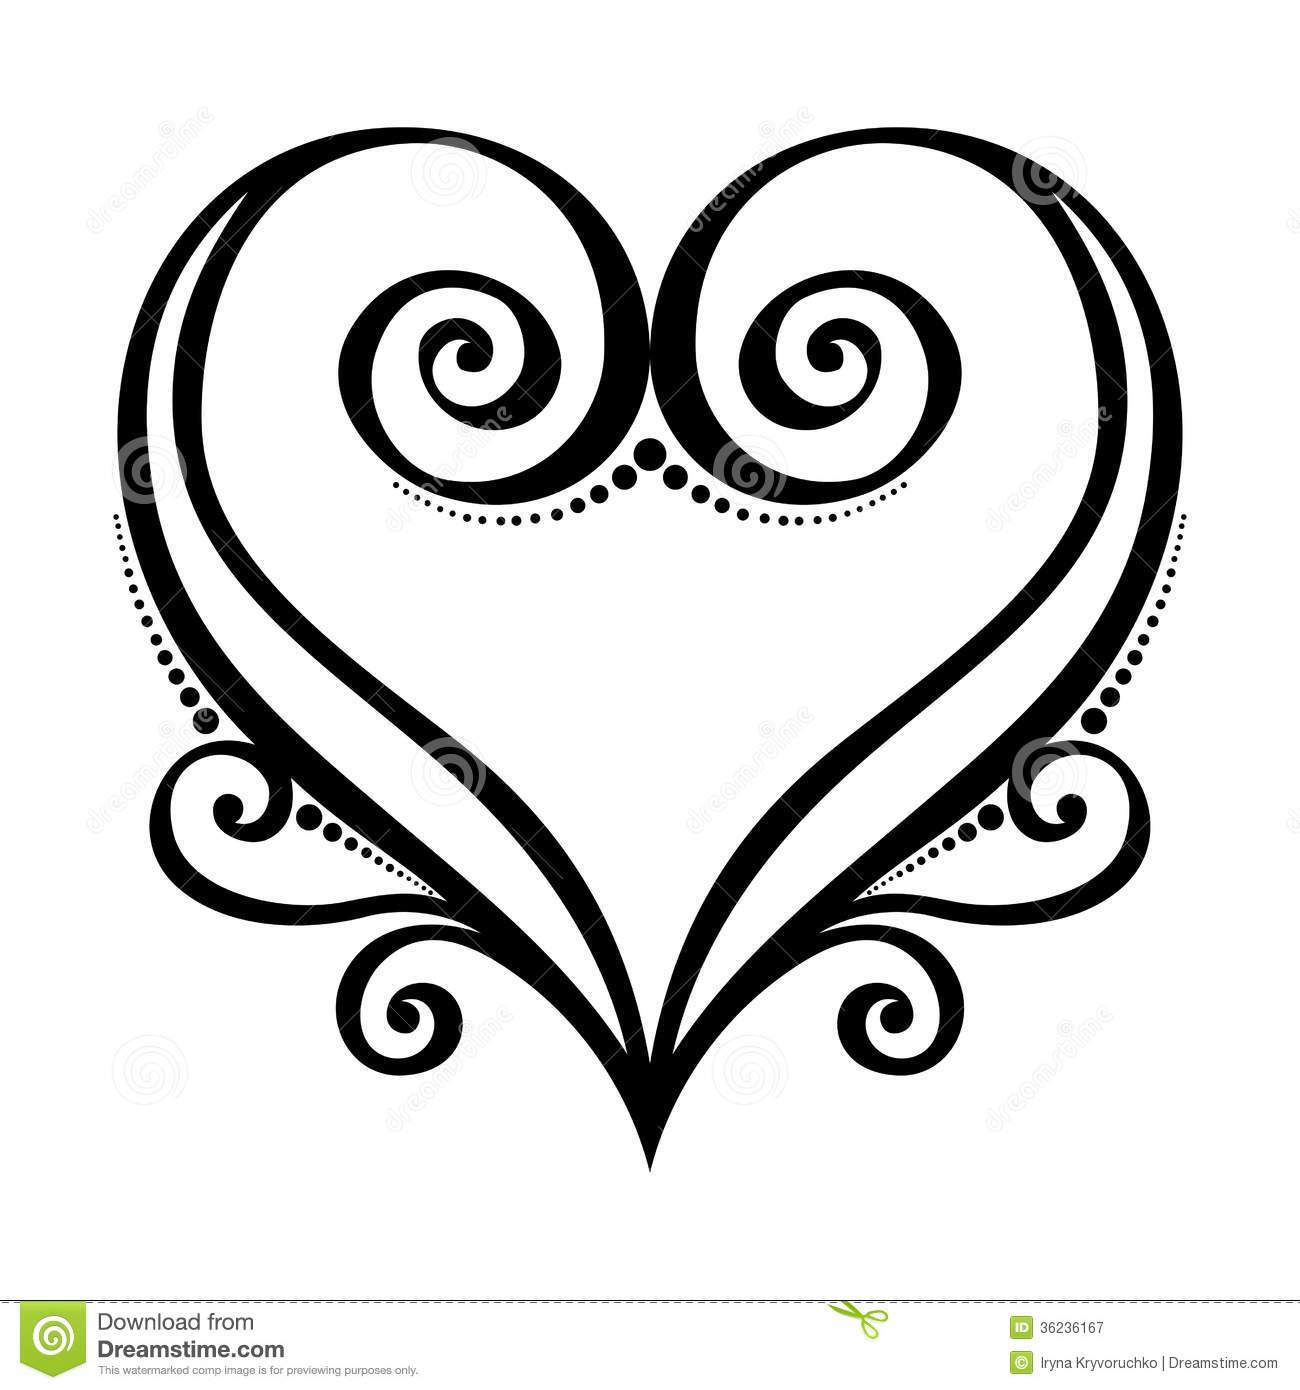 Heart Line Art Design : Art heart designs drawings clipart best